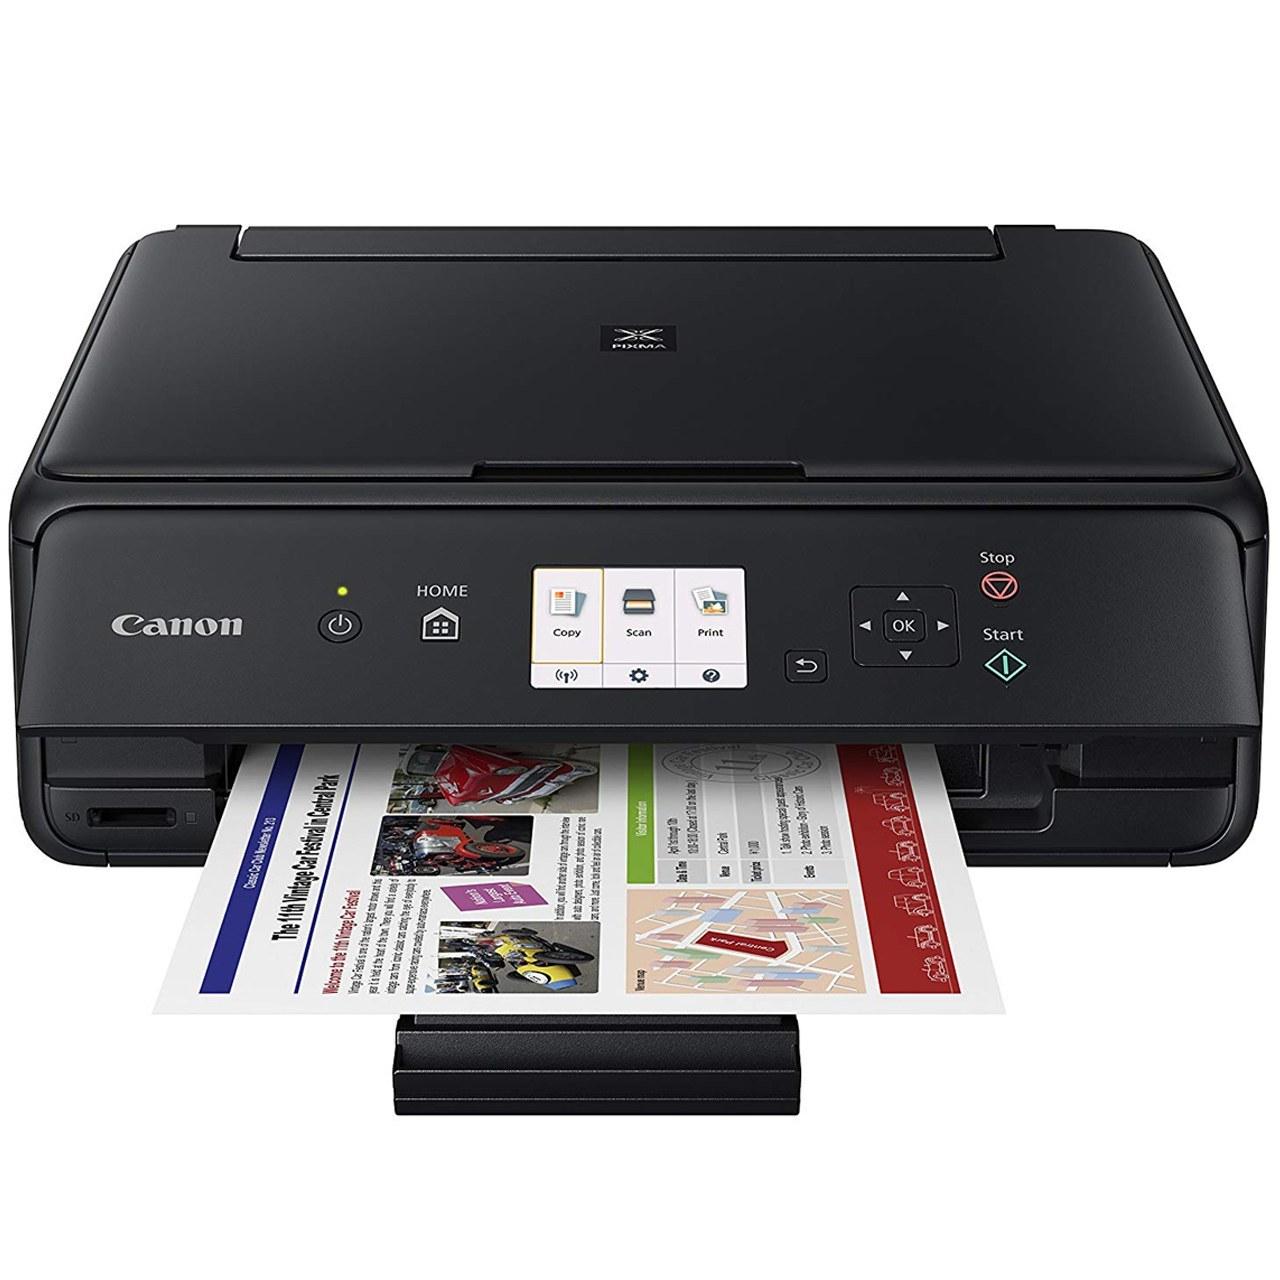 تصویر پرینتر چند کاره جوهرافشان TS5020 کانن Printer Inkjet Canon TS5020 Multifunction